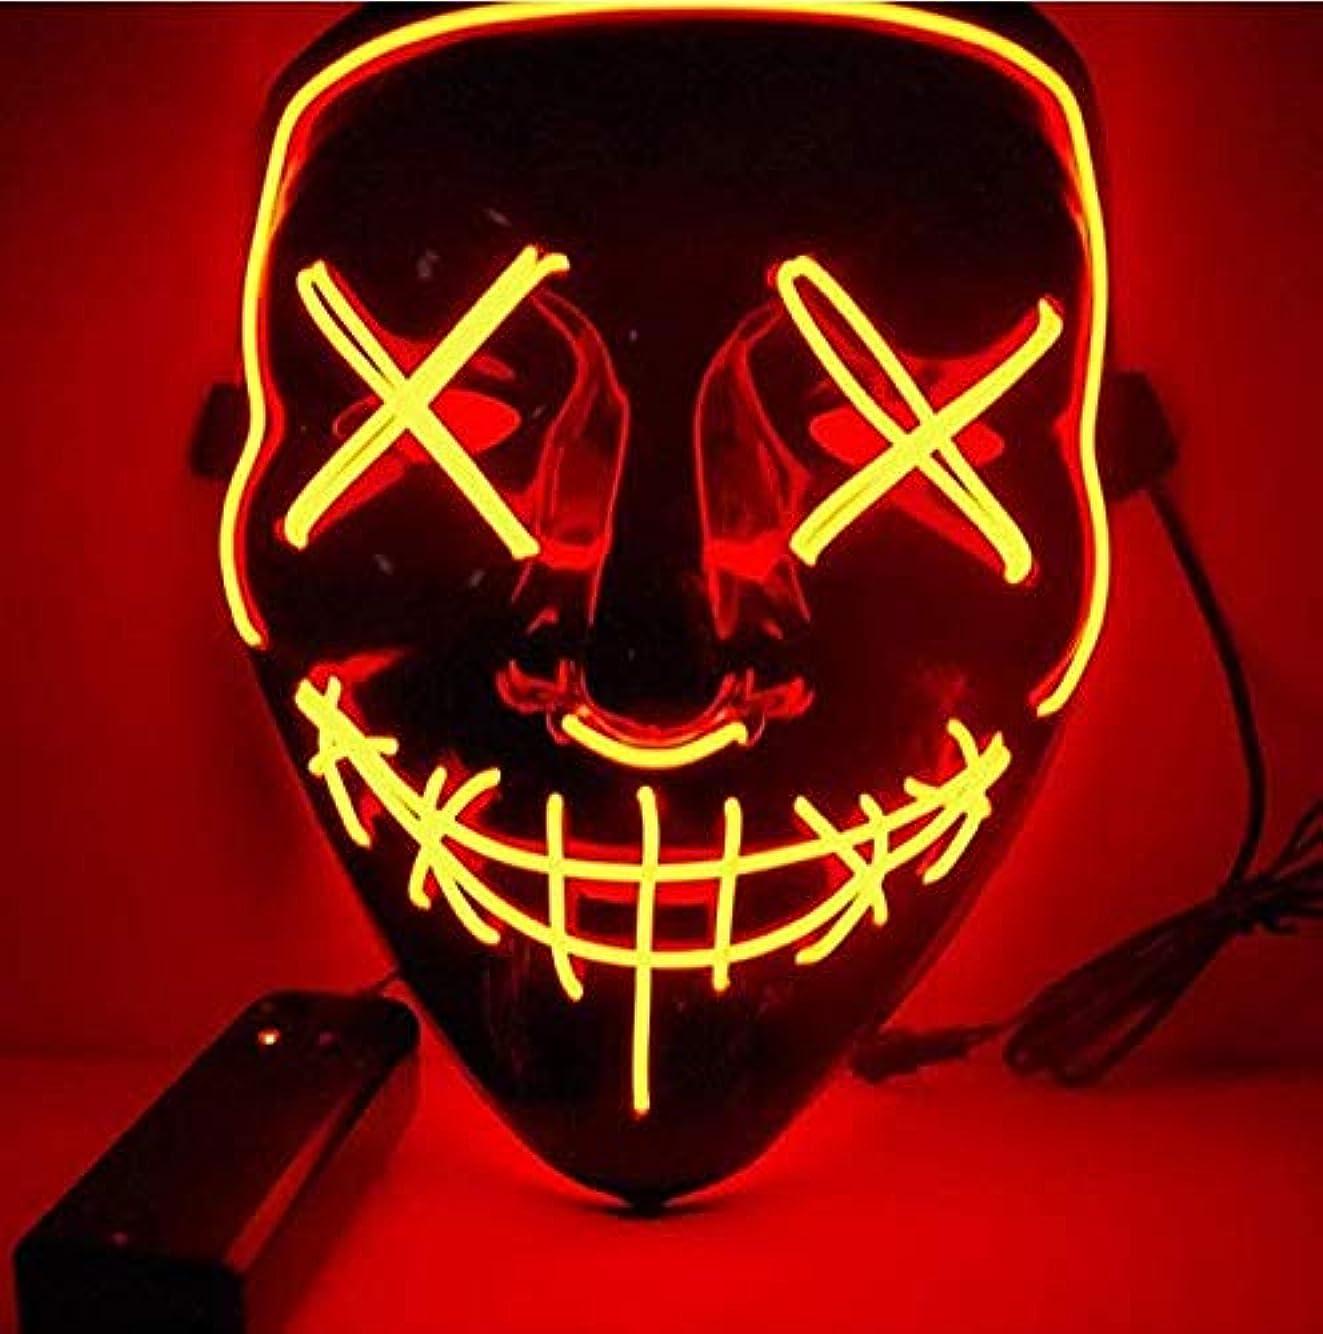 意識的カカドゥサイレンハロウィンマスクLEDライトアップパーティーマスクコスプレコスチュームサプライ暗闇で光る (Color : ORANGE)